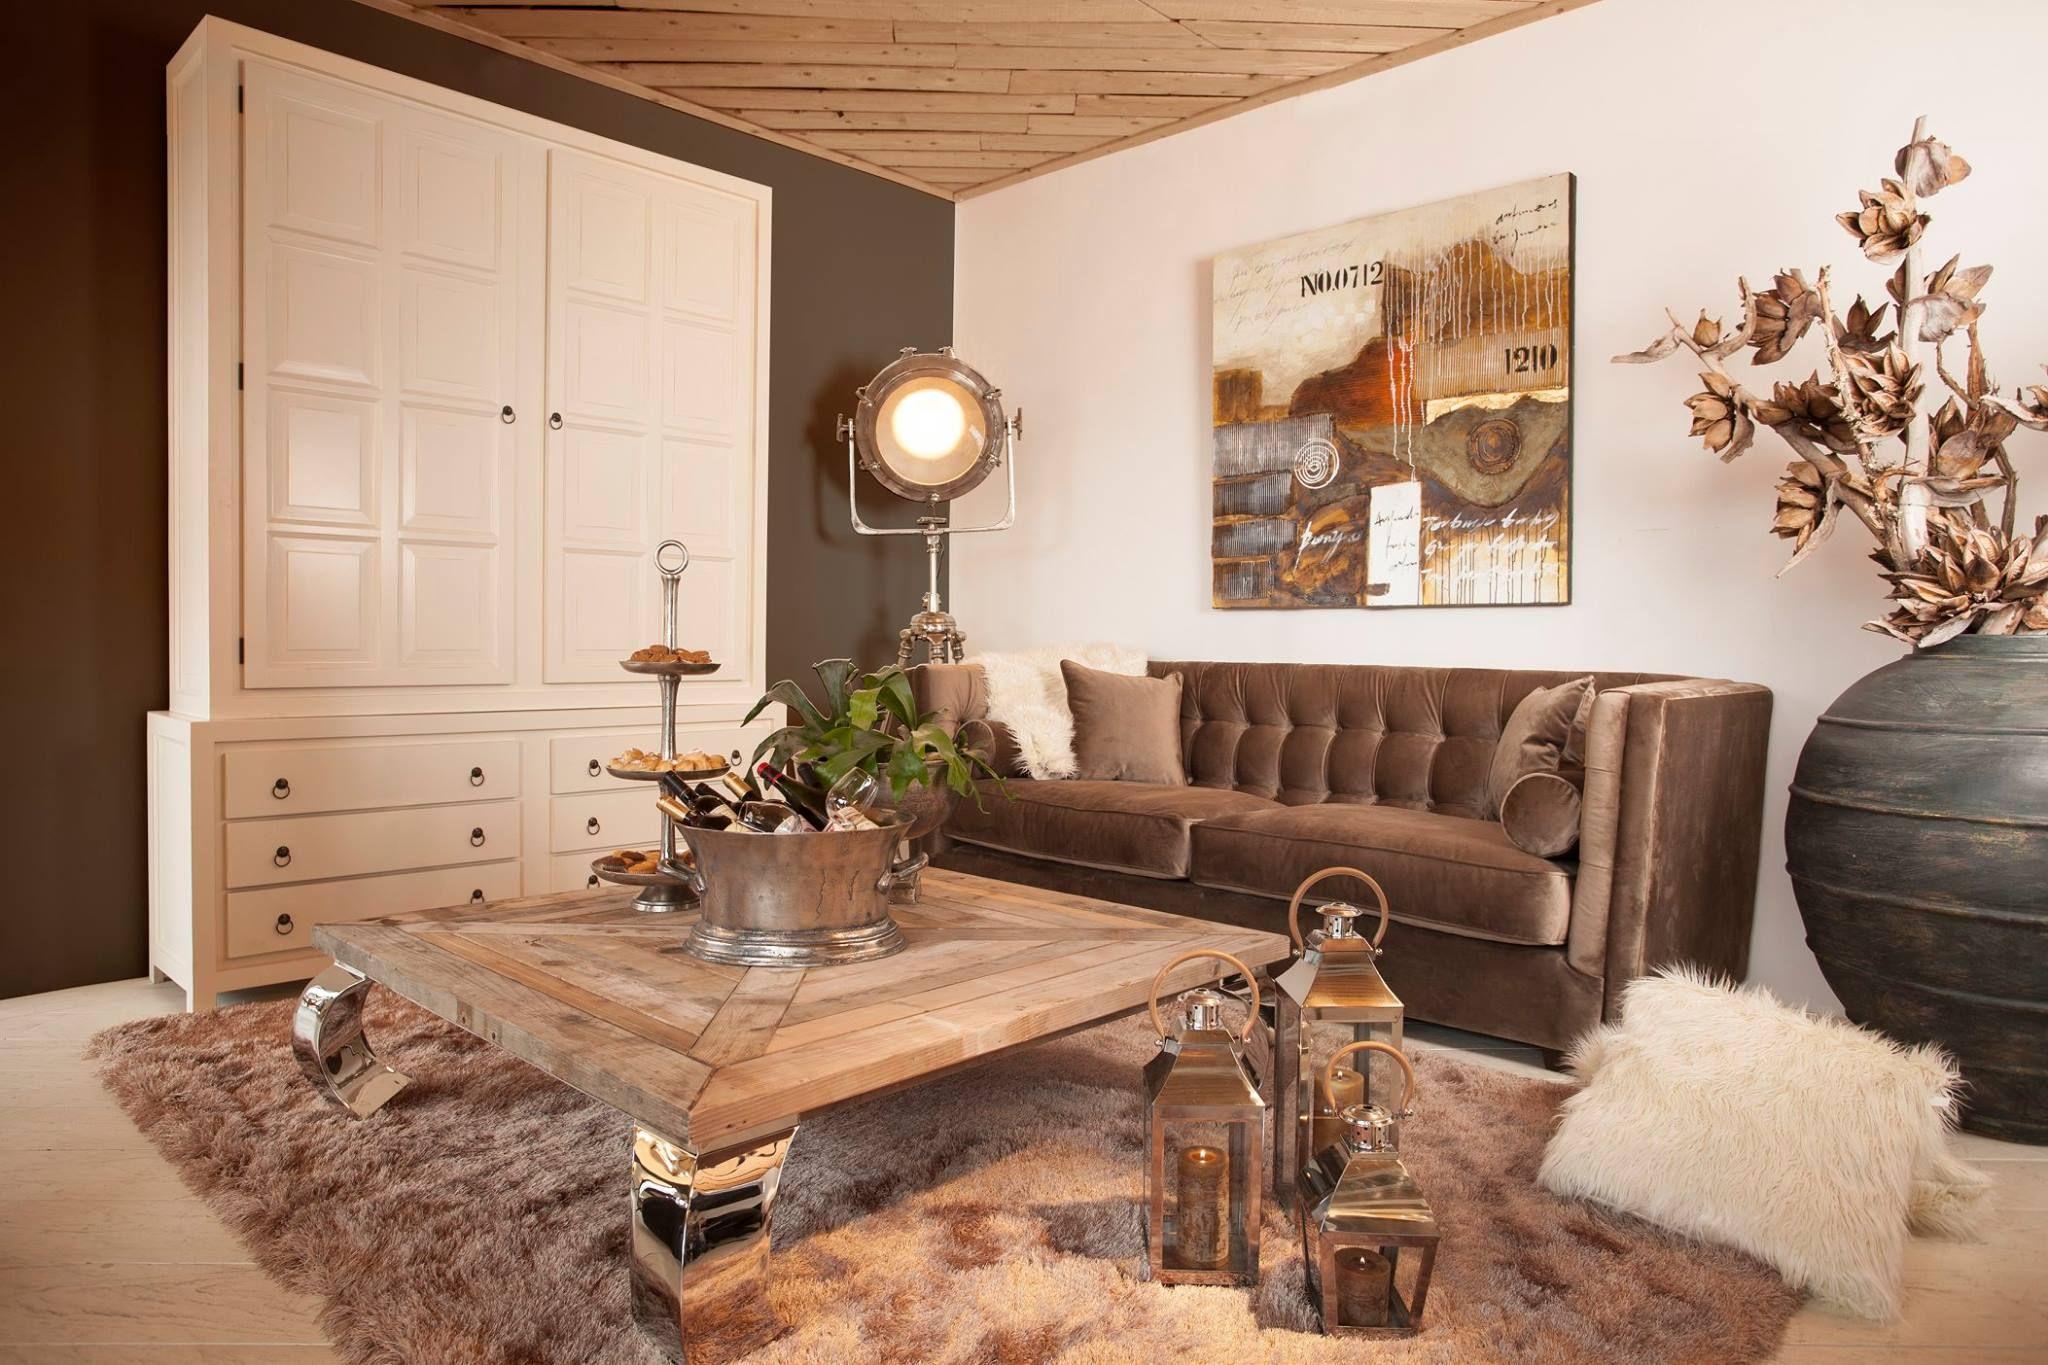 Woonkamer met warme uitstraling | Rofra Home #knus #warm #sfeervol ...